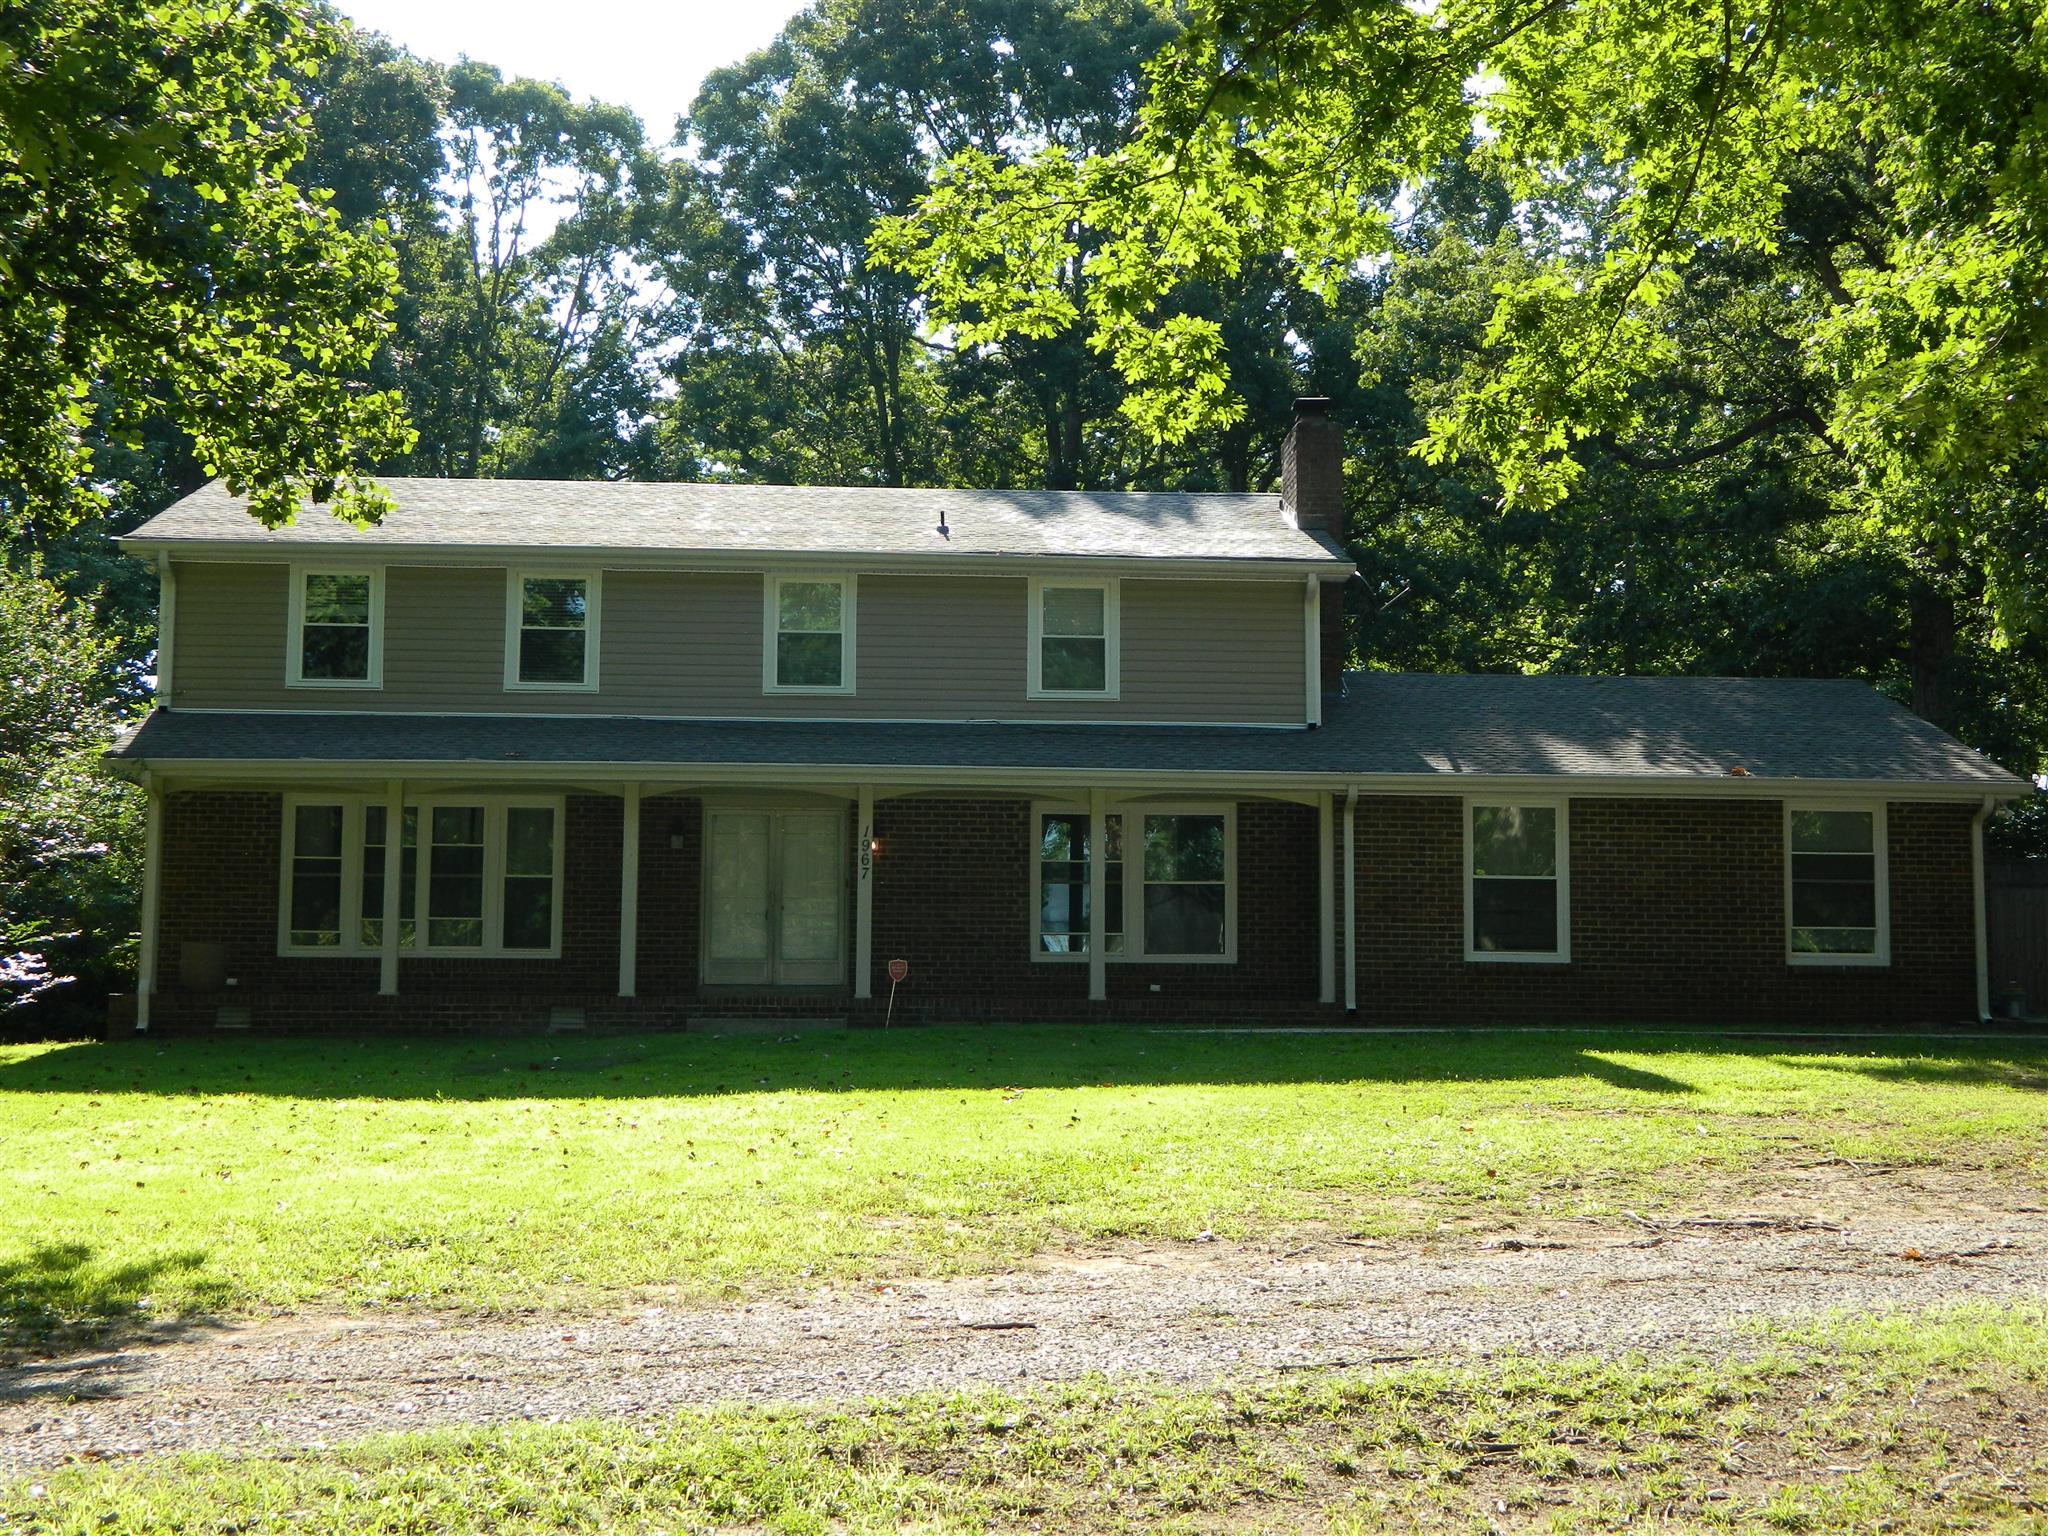 1967 Hygeia Rd, Greenbrier, TN 37073 - Greenbrier, TN real estate listing